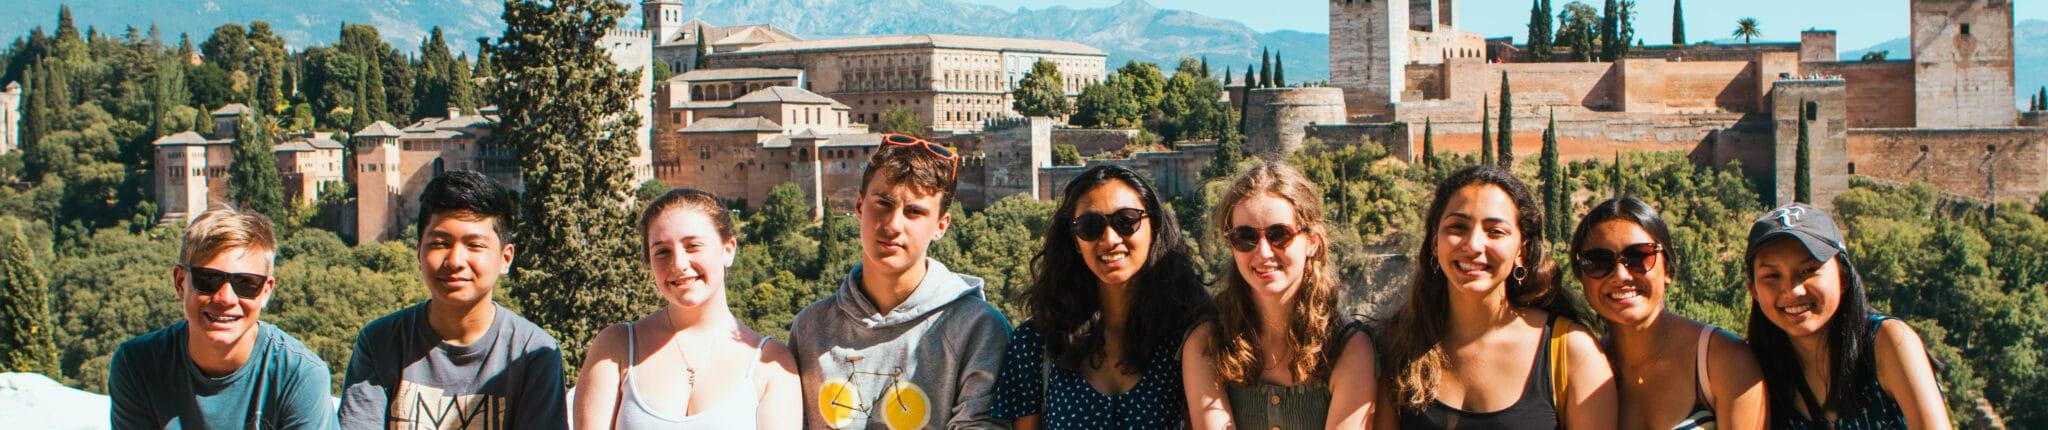 School trips in Spain